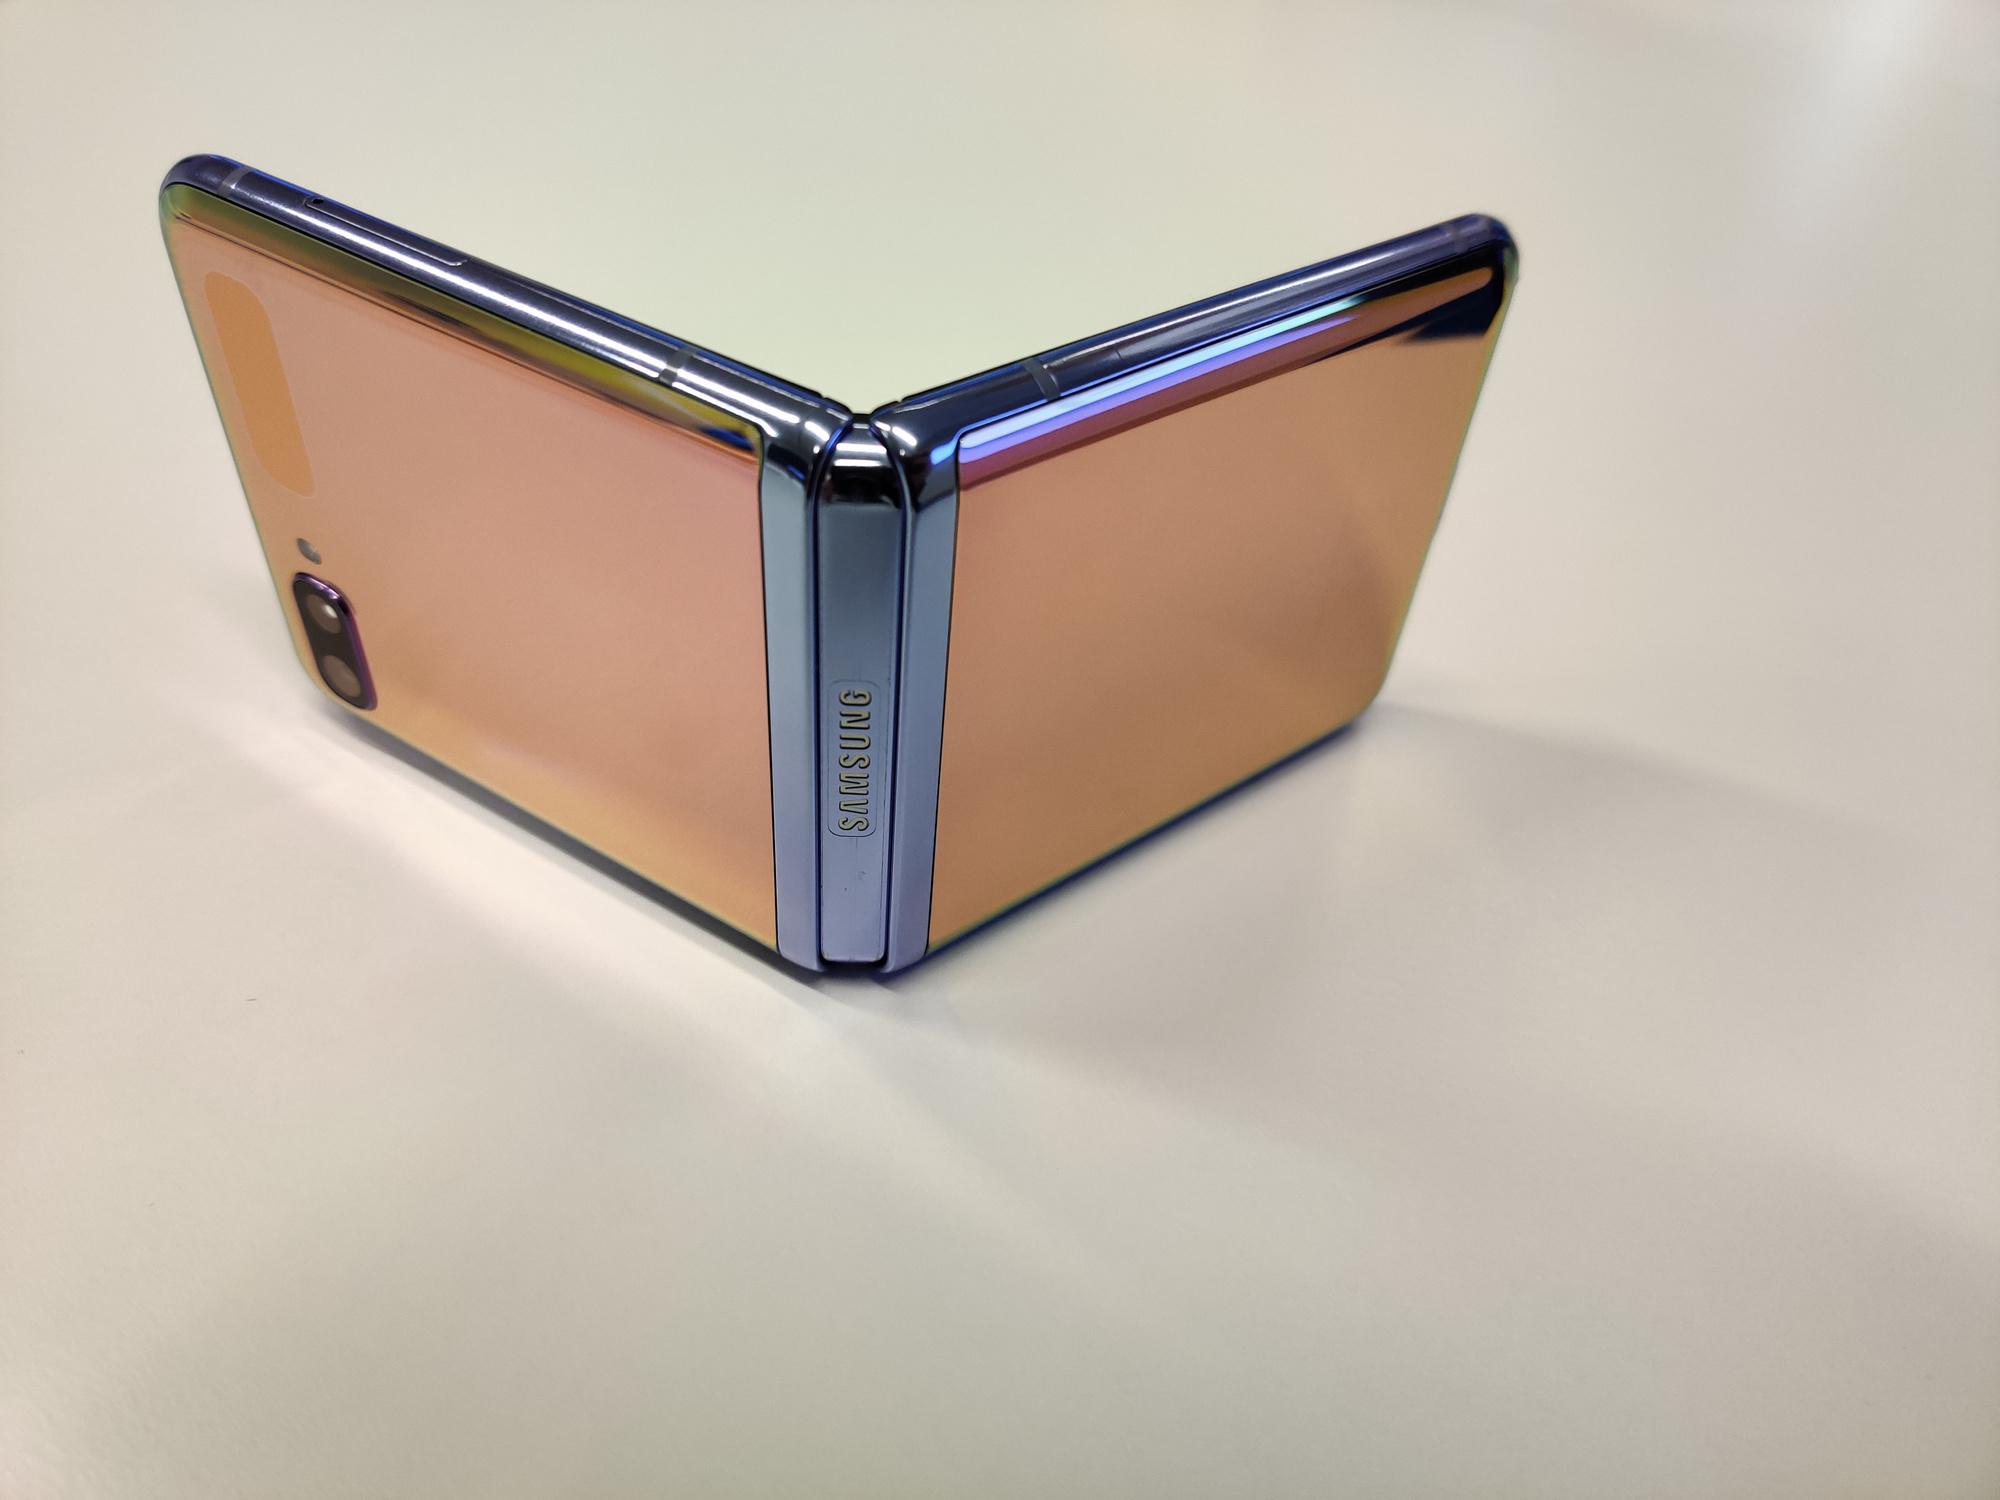 Samsung Galaxy Z Flip, PVL